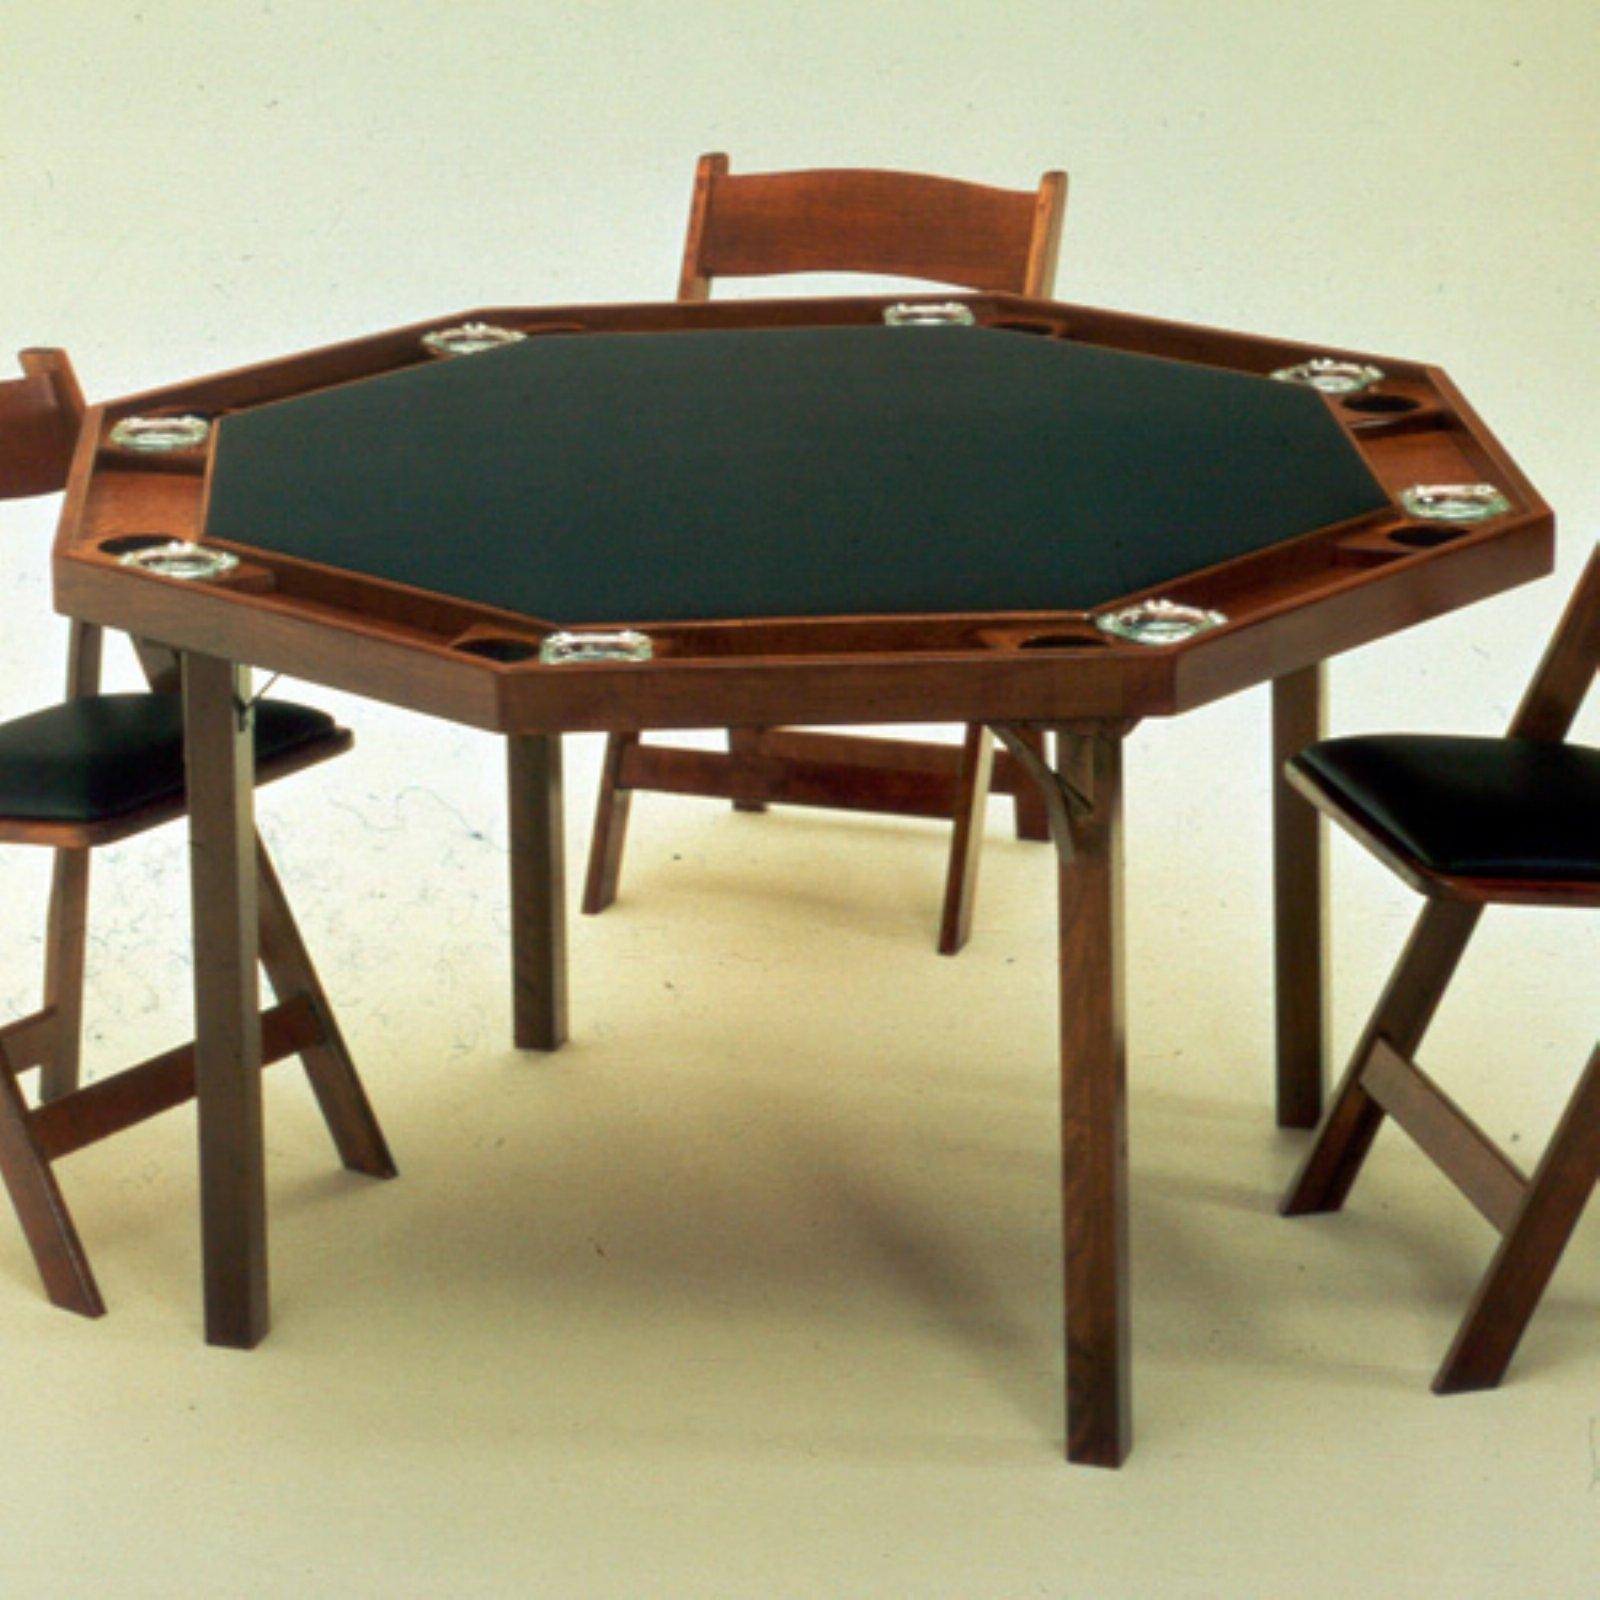 Kestell Poker Table 1